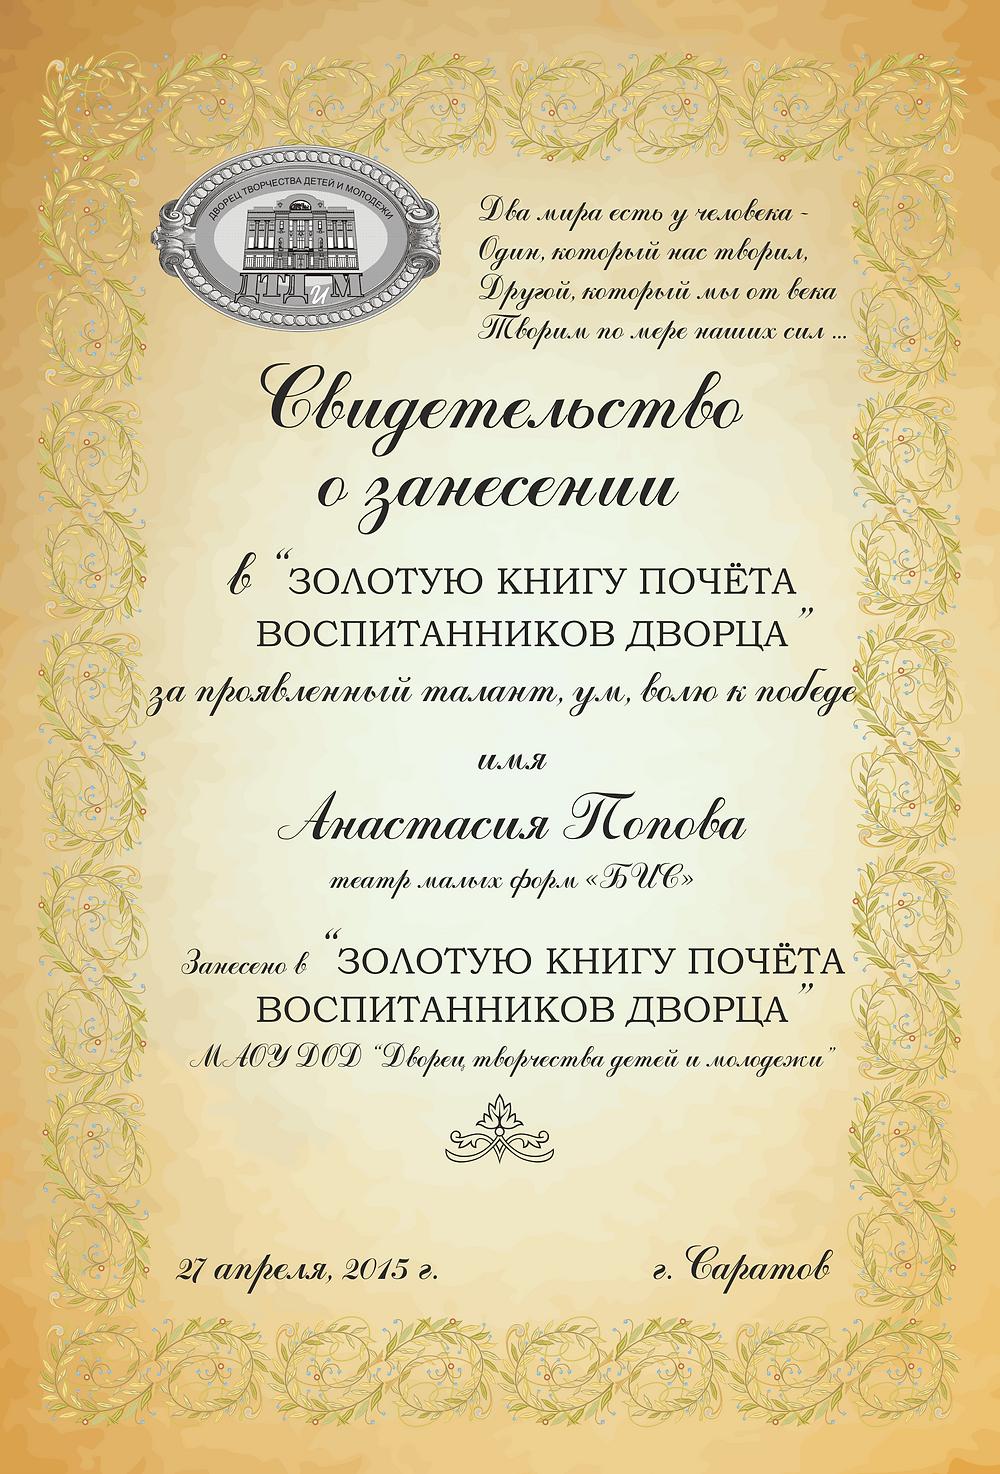 свидетельство бенефис одаренных детей воспитанники книга почета.png